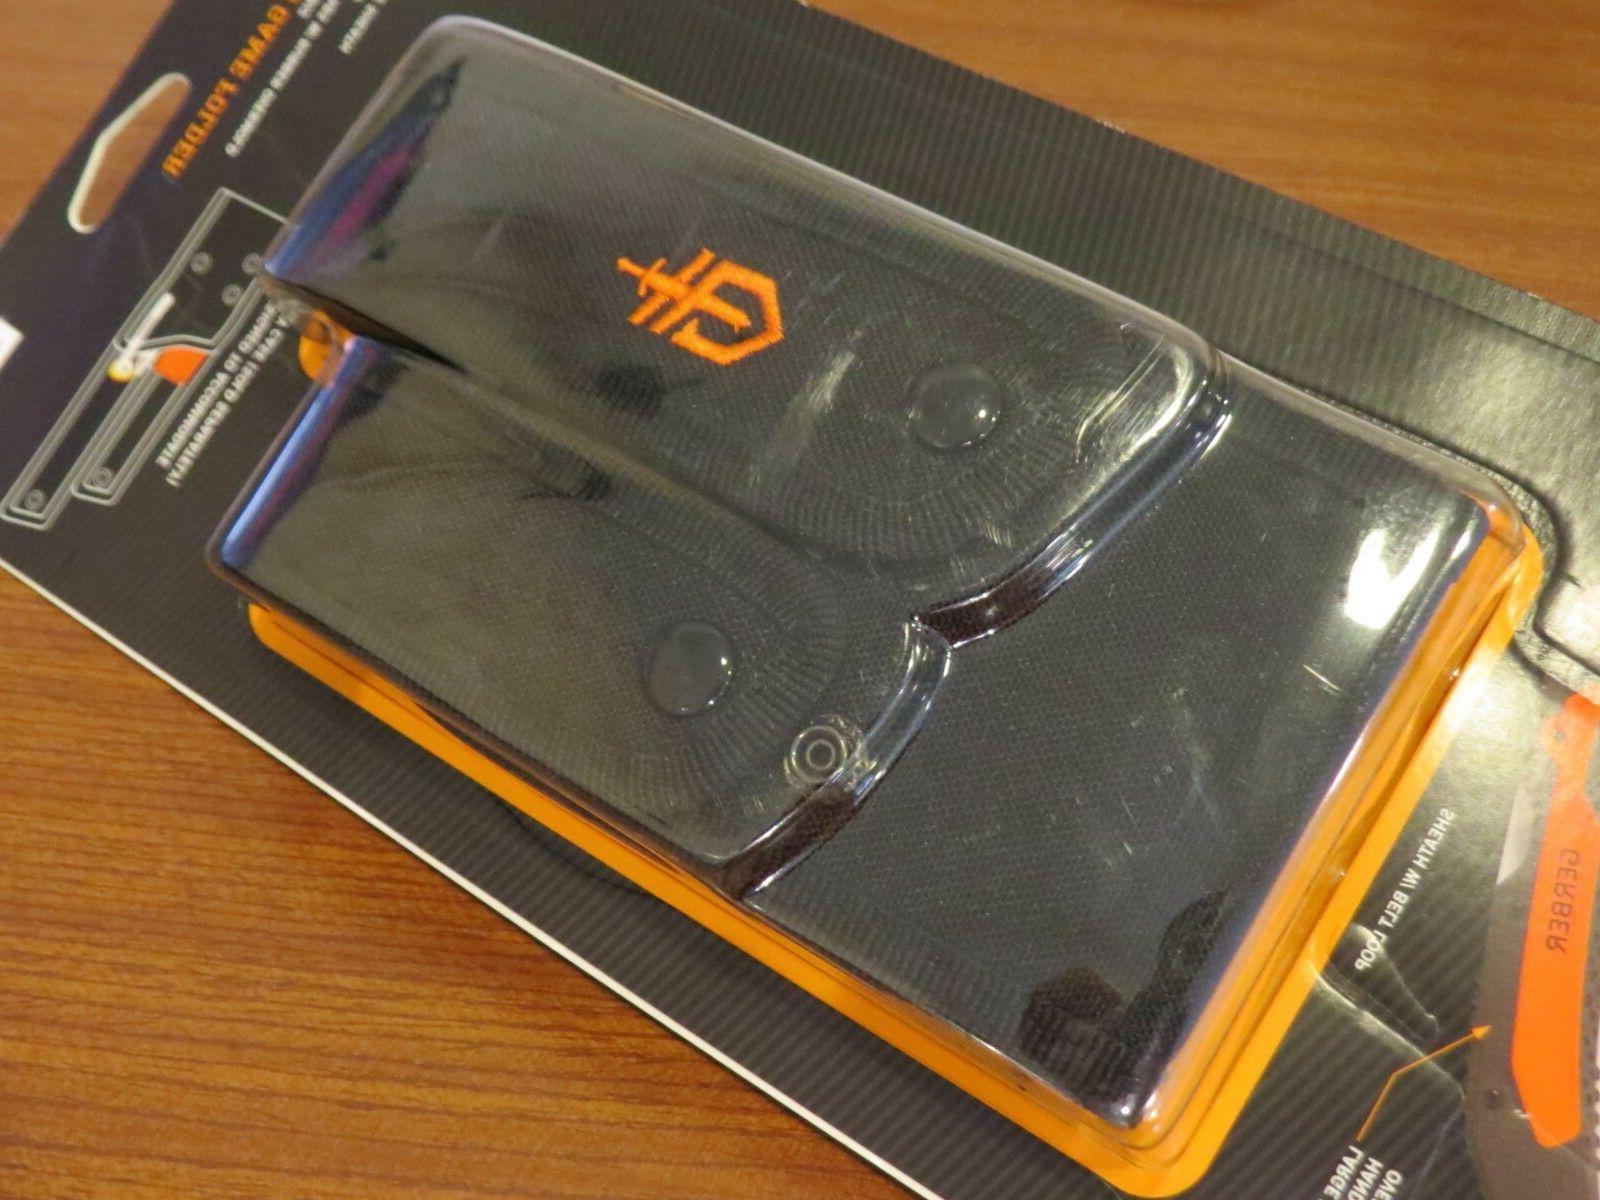 Gerber Folder Pocket Knife Replacement 31-003053 NEW E